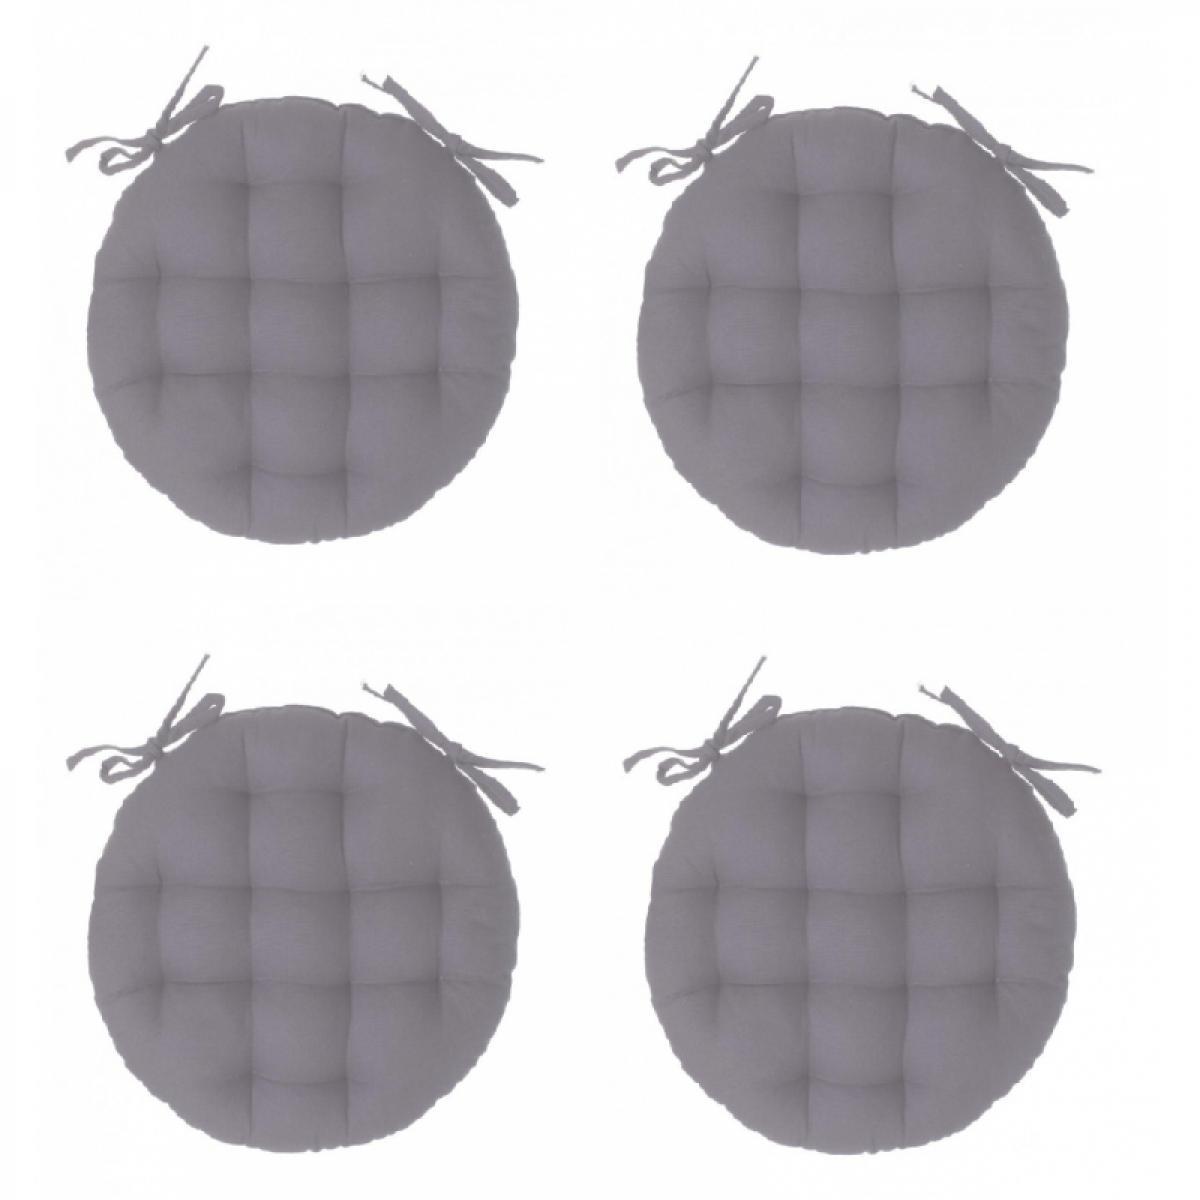 Ac-Deco Galette de chaise ronde - Lot de 4 - D 38 cm - Gris clair